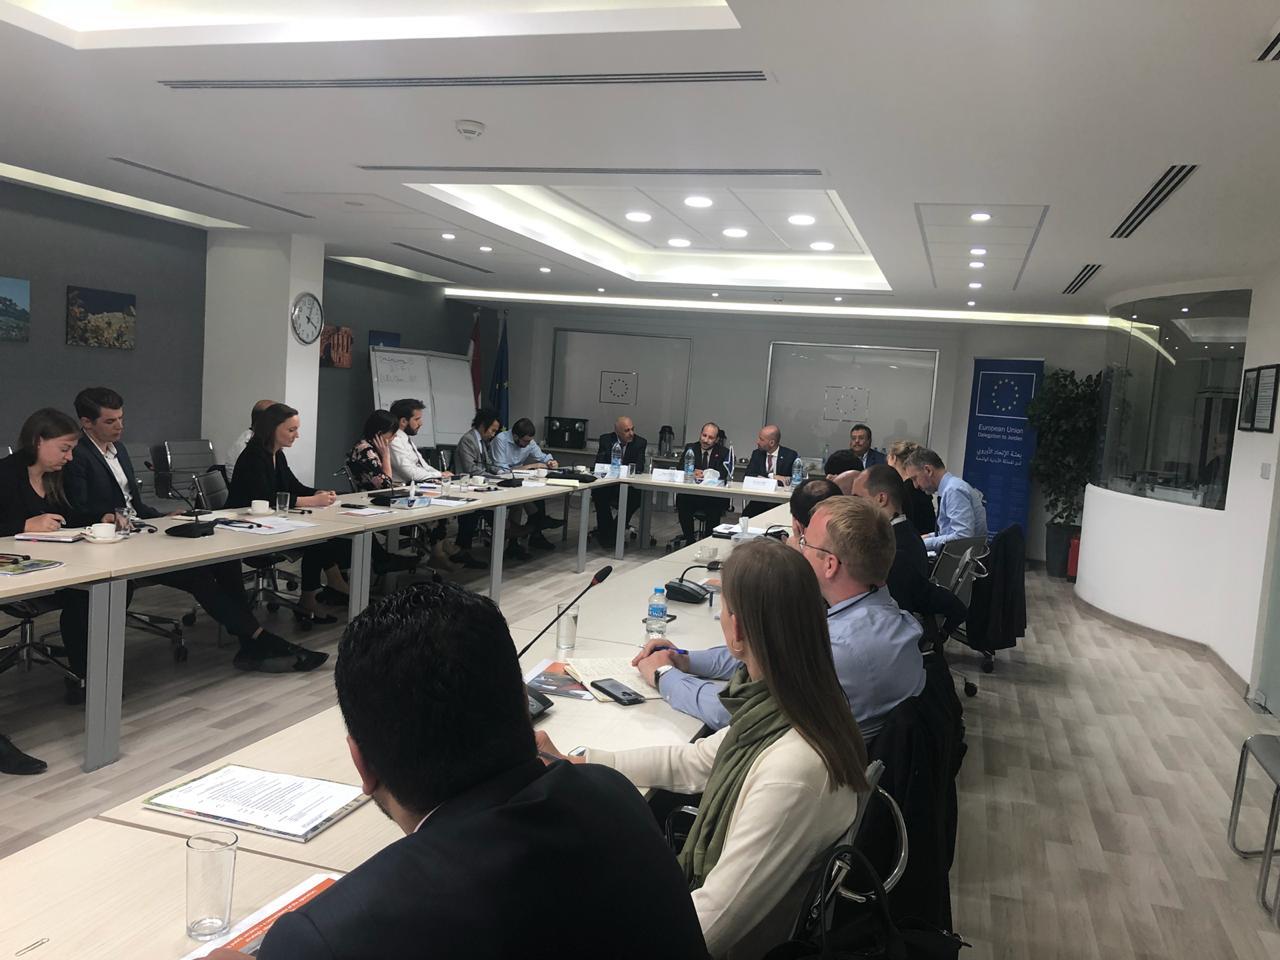 وزير التخطيط يدعو سفراء ومندوبي الاتحاد الأوروبي لتوسيع تدخلاتهم في اليمن